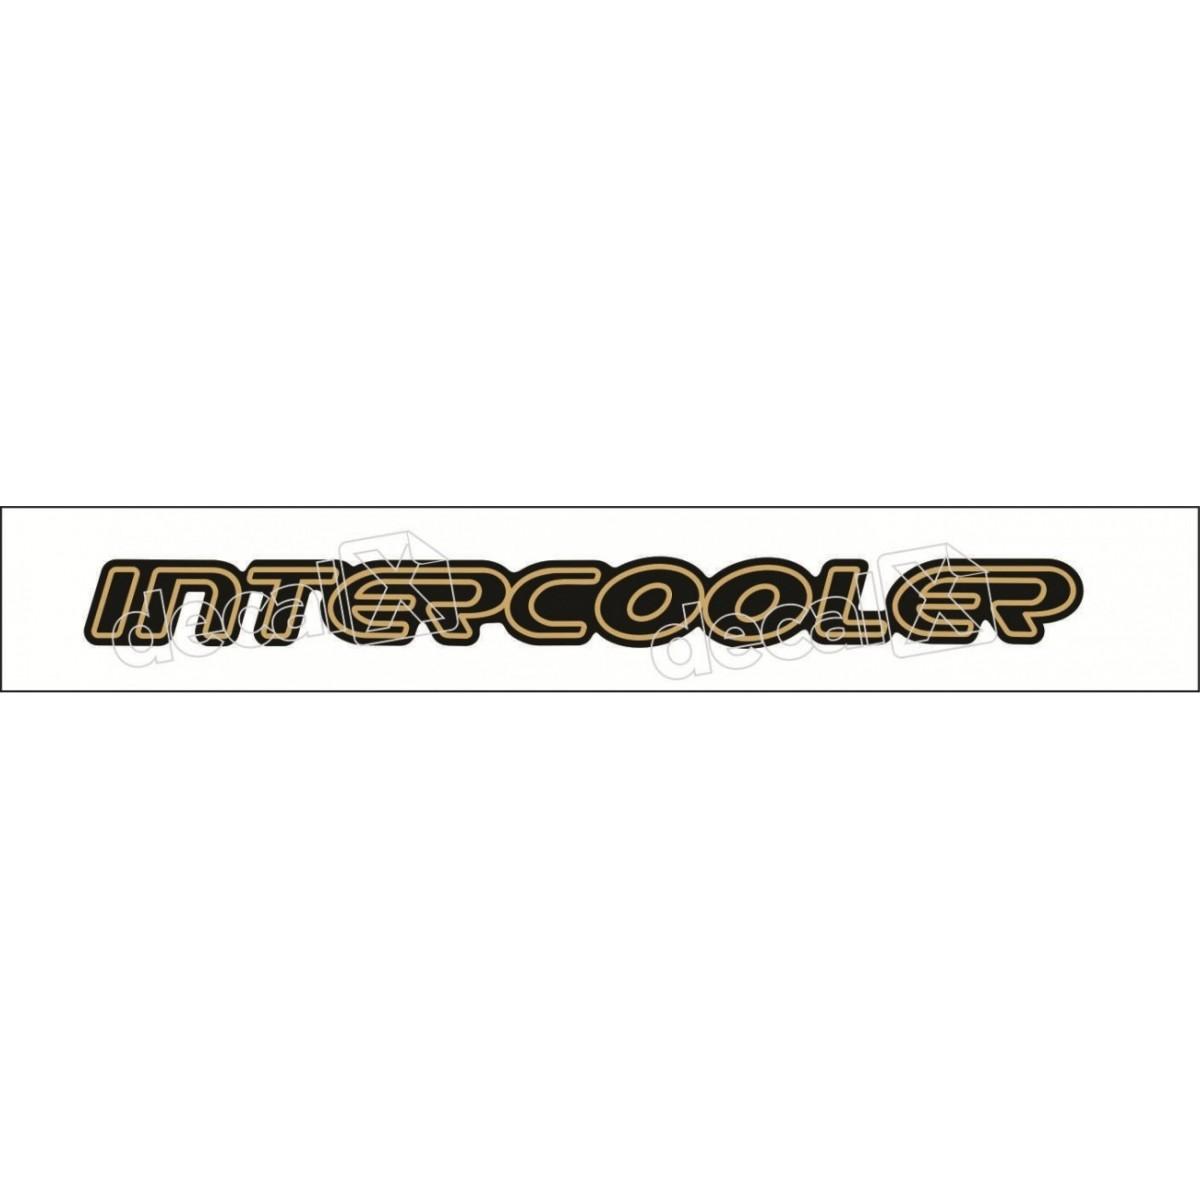 Emblema Adesivo Intercooler Blazer S10 Ouro Resinado Bar028